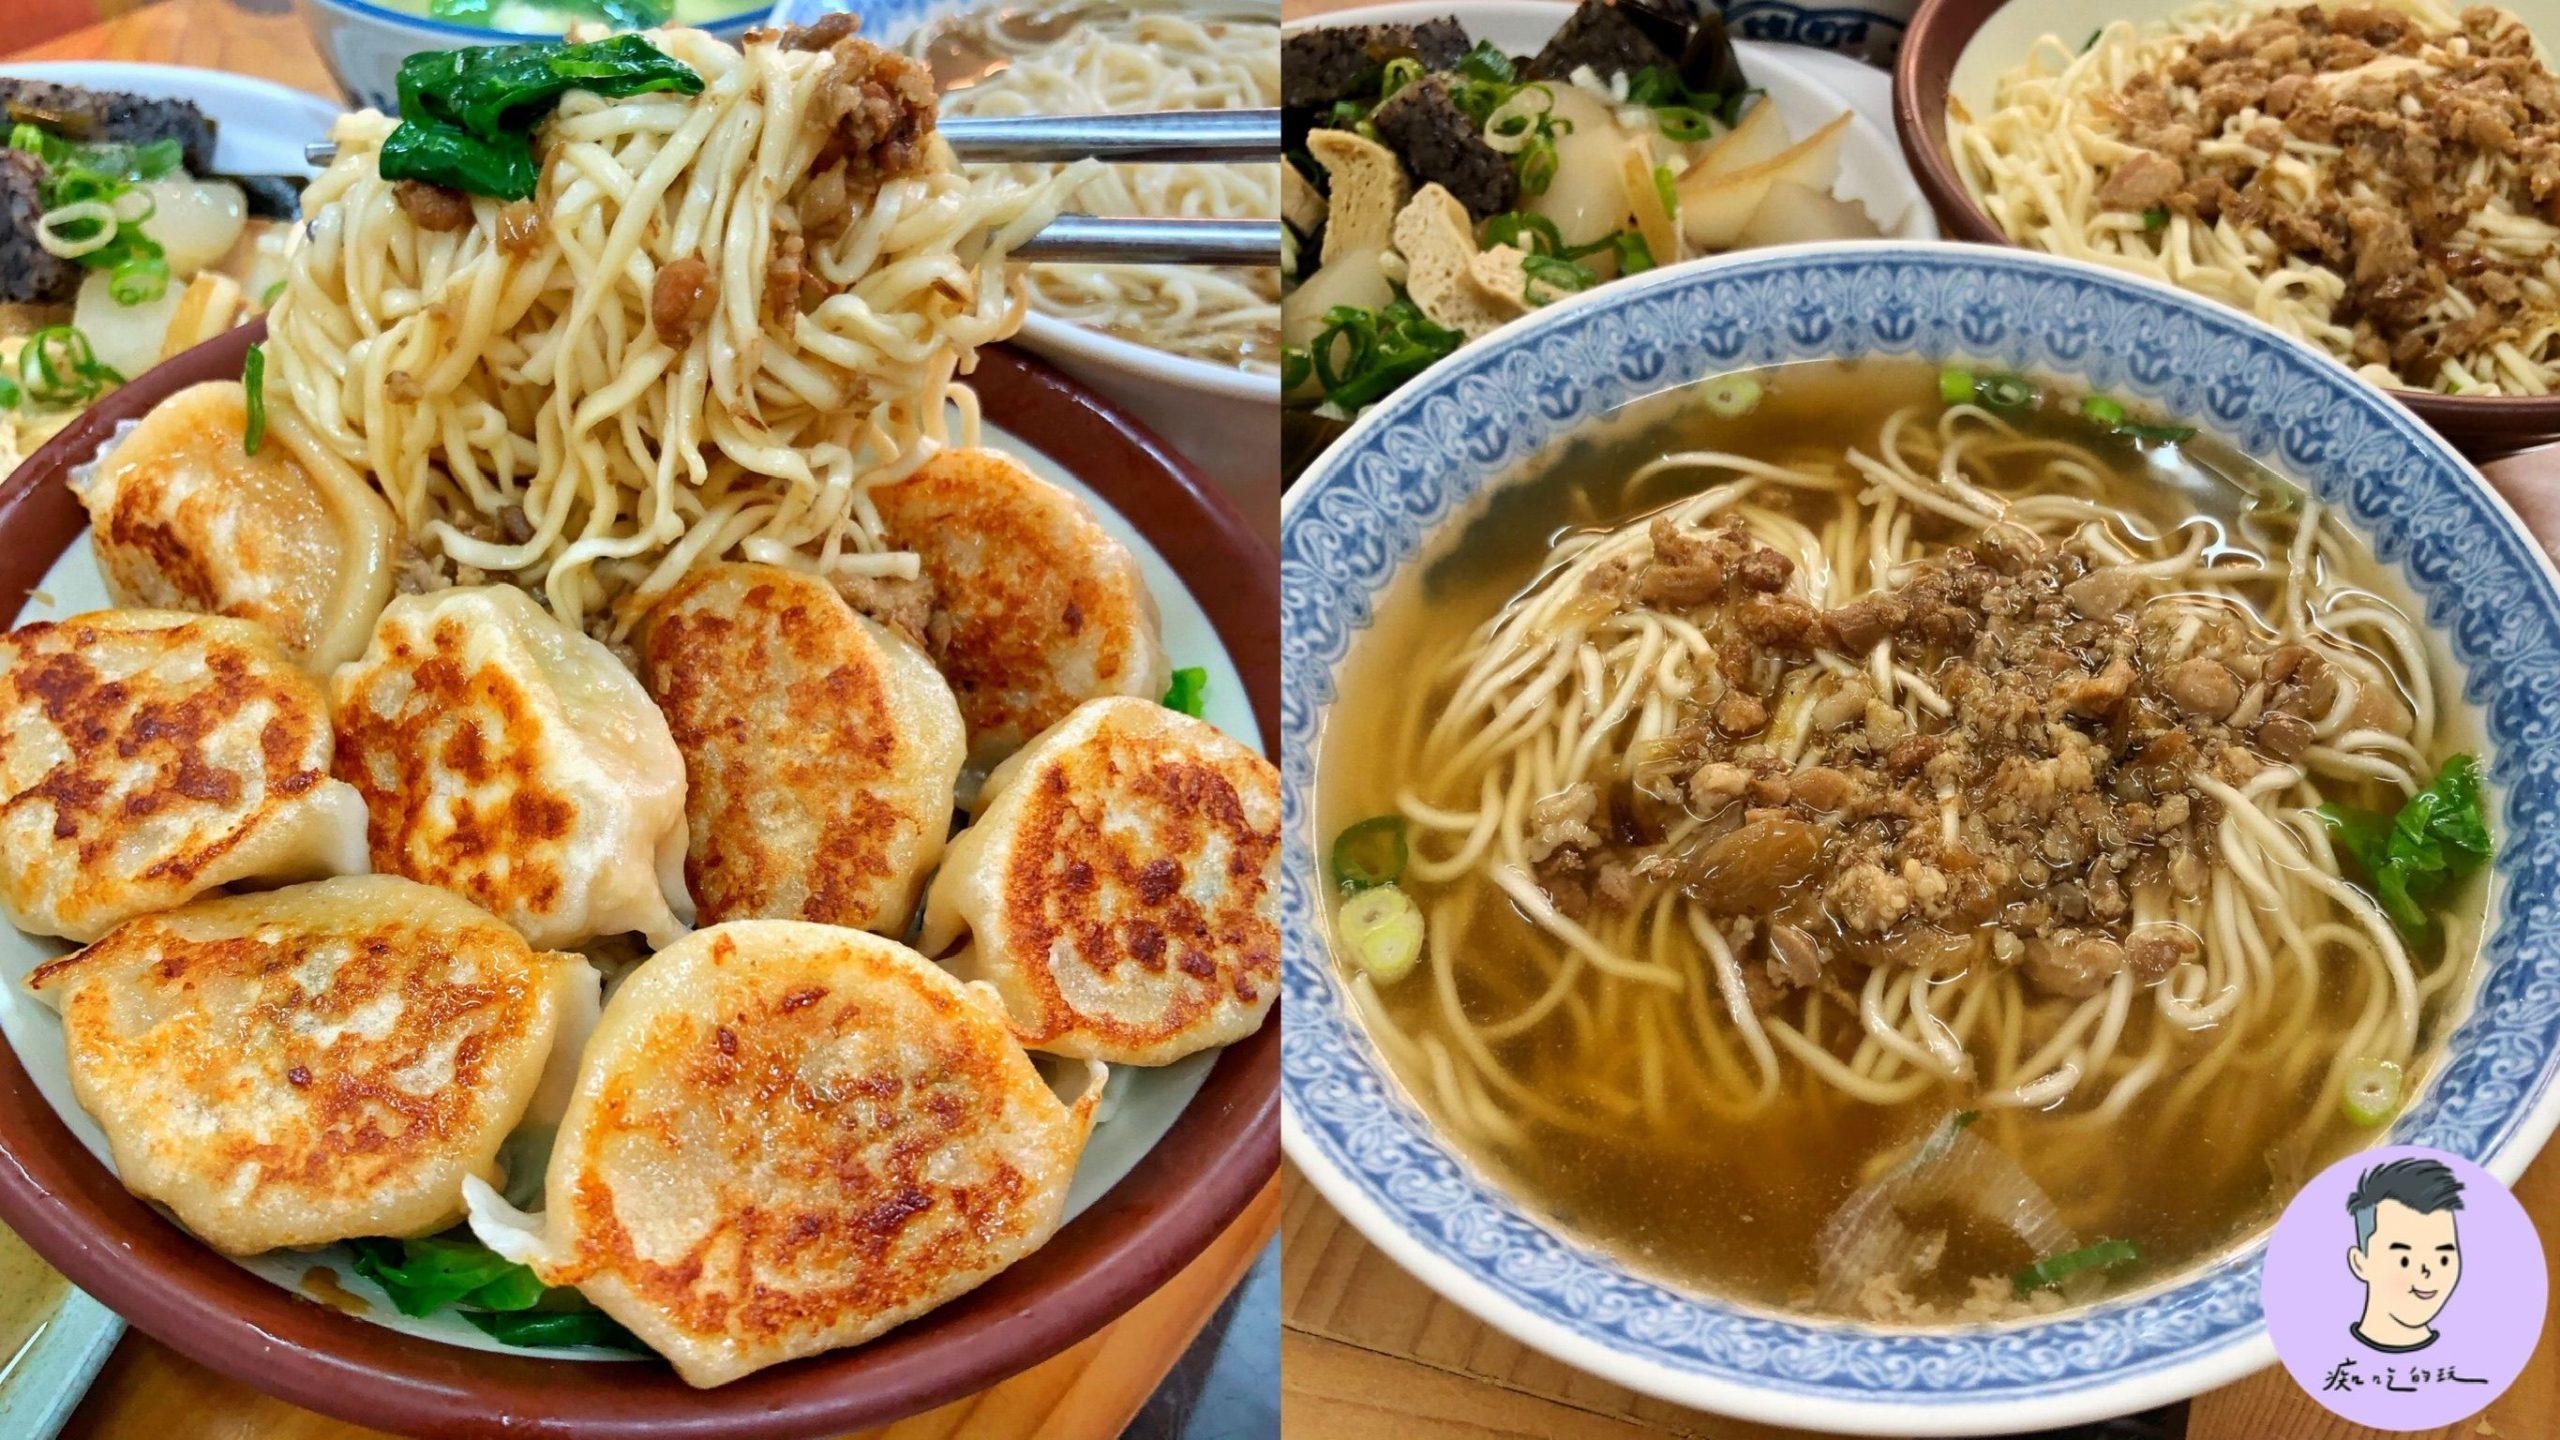 【台南美食】台南最狠的煎餃「很餃舍麵食館」裕農路人氣麵店!煎餃水餃大顆好吃